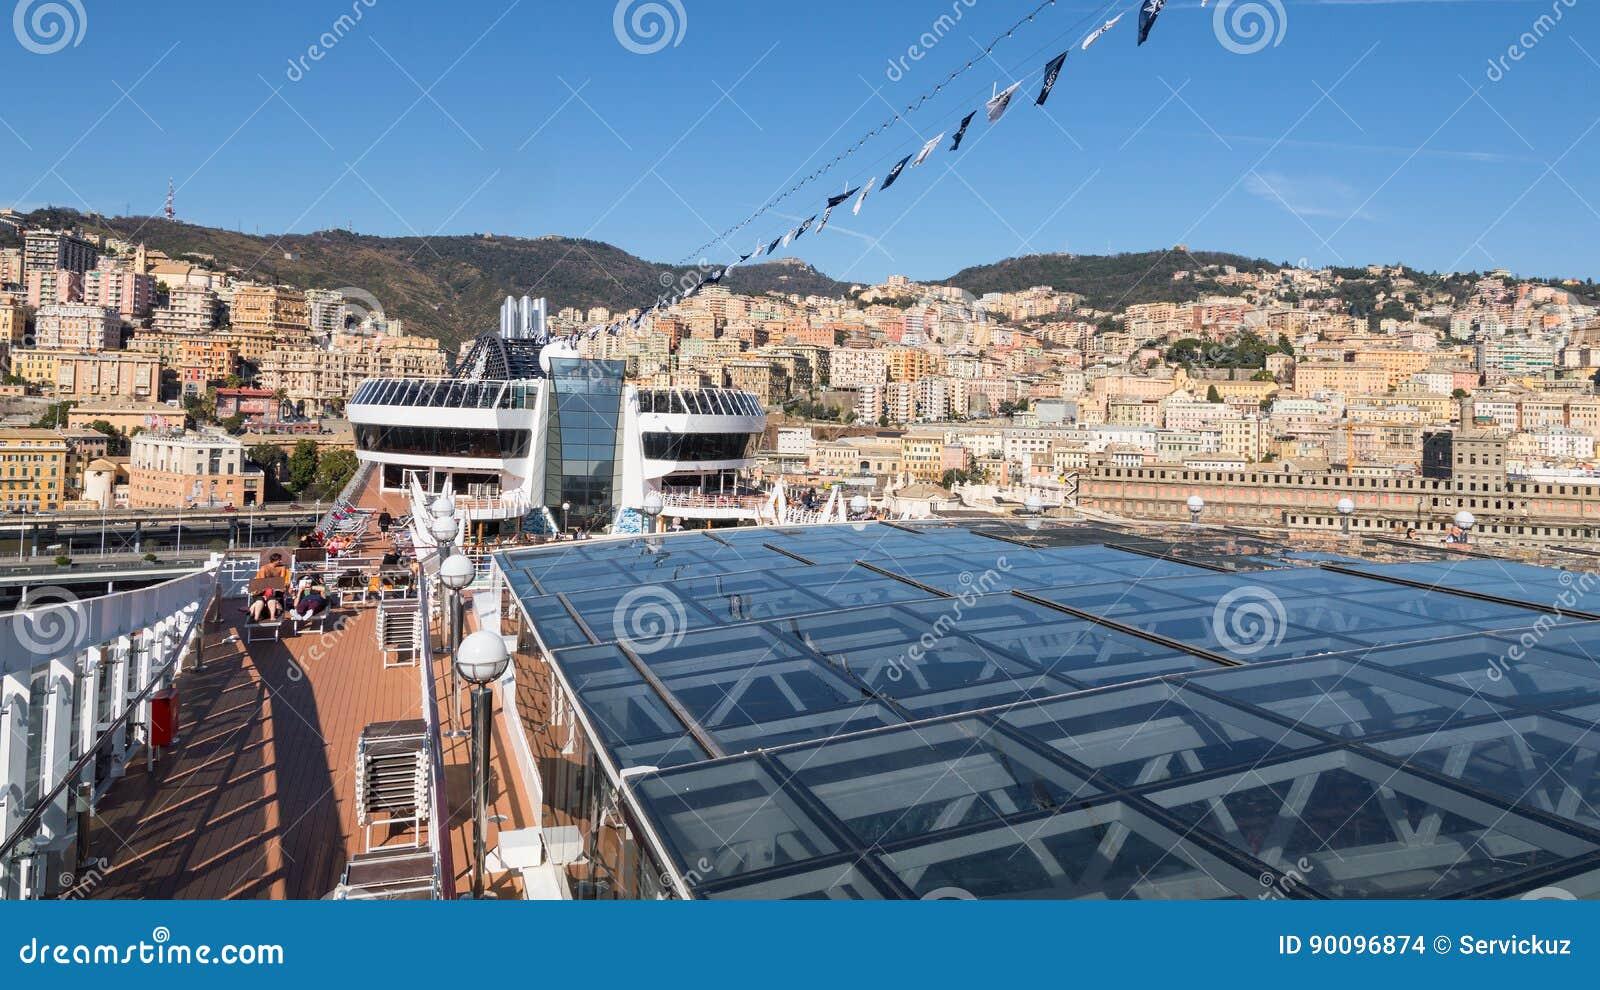 热那亚市全景从游轮露天甲板的